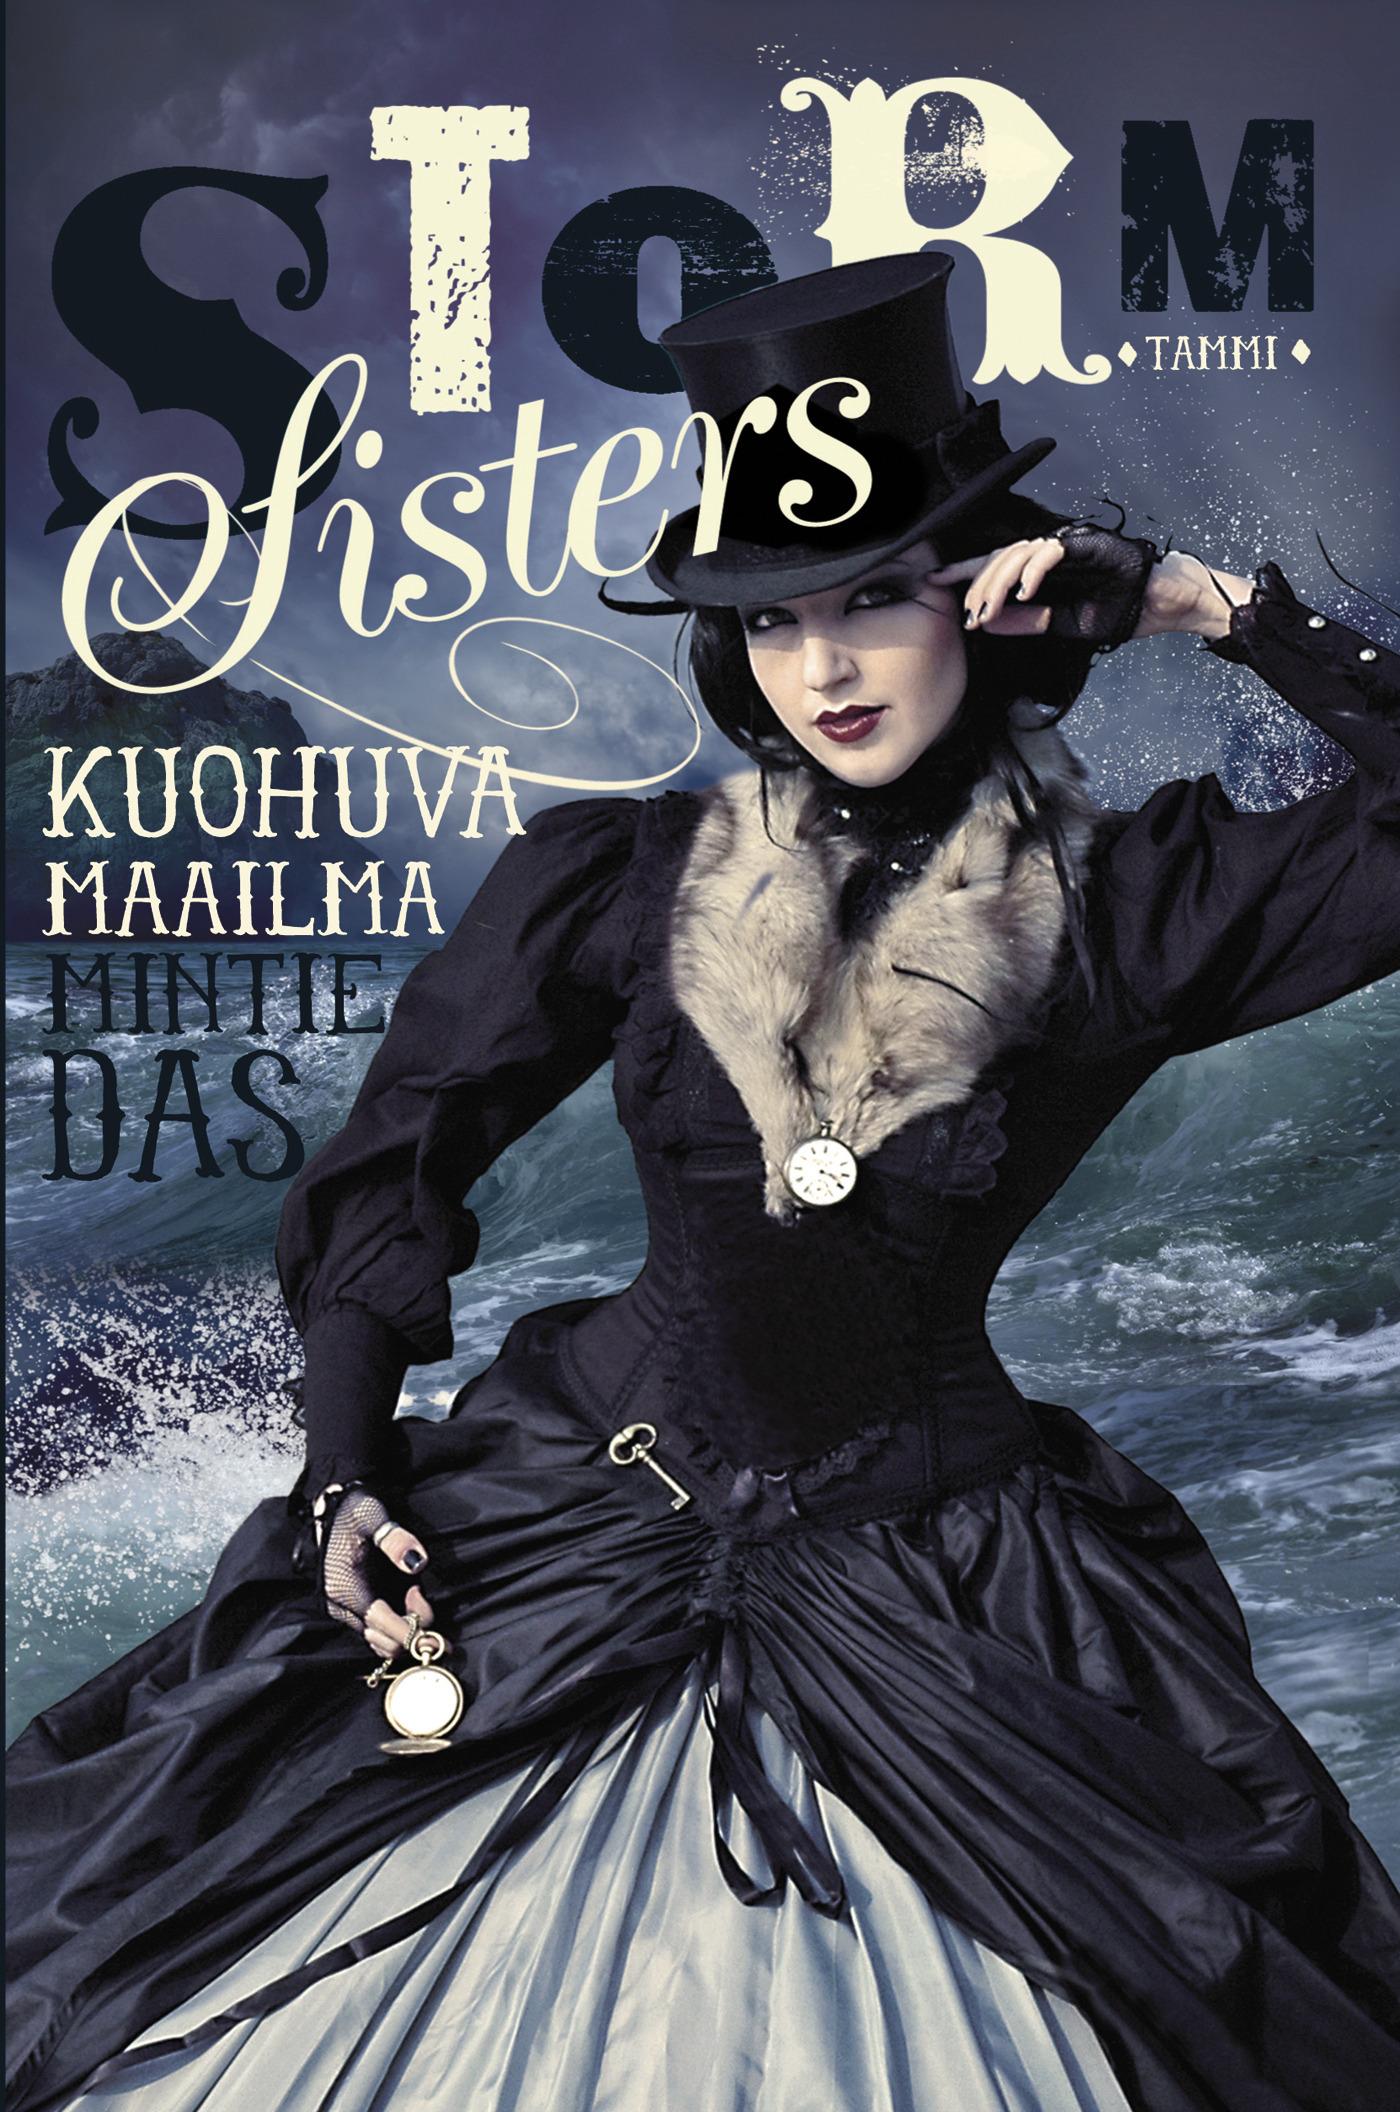 Storm Sisters 1: Kuohuva maailma